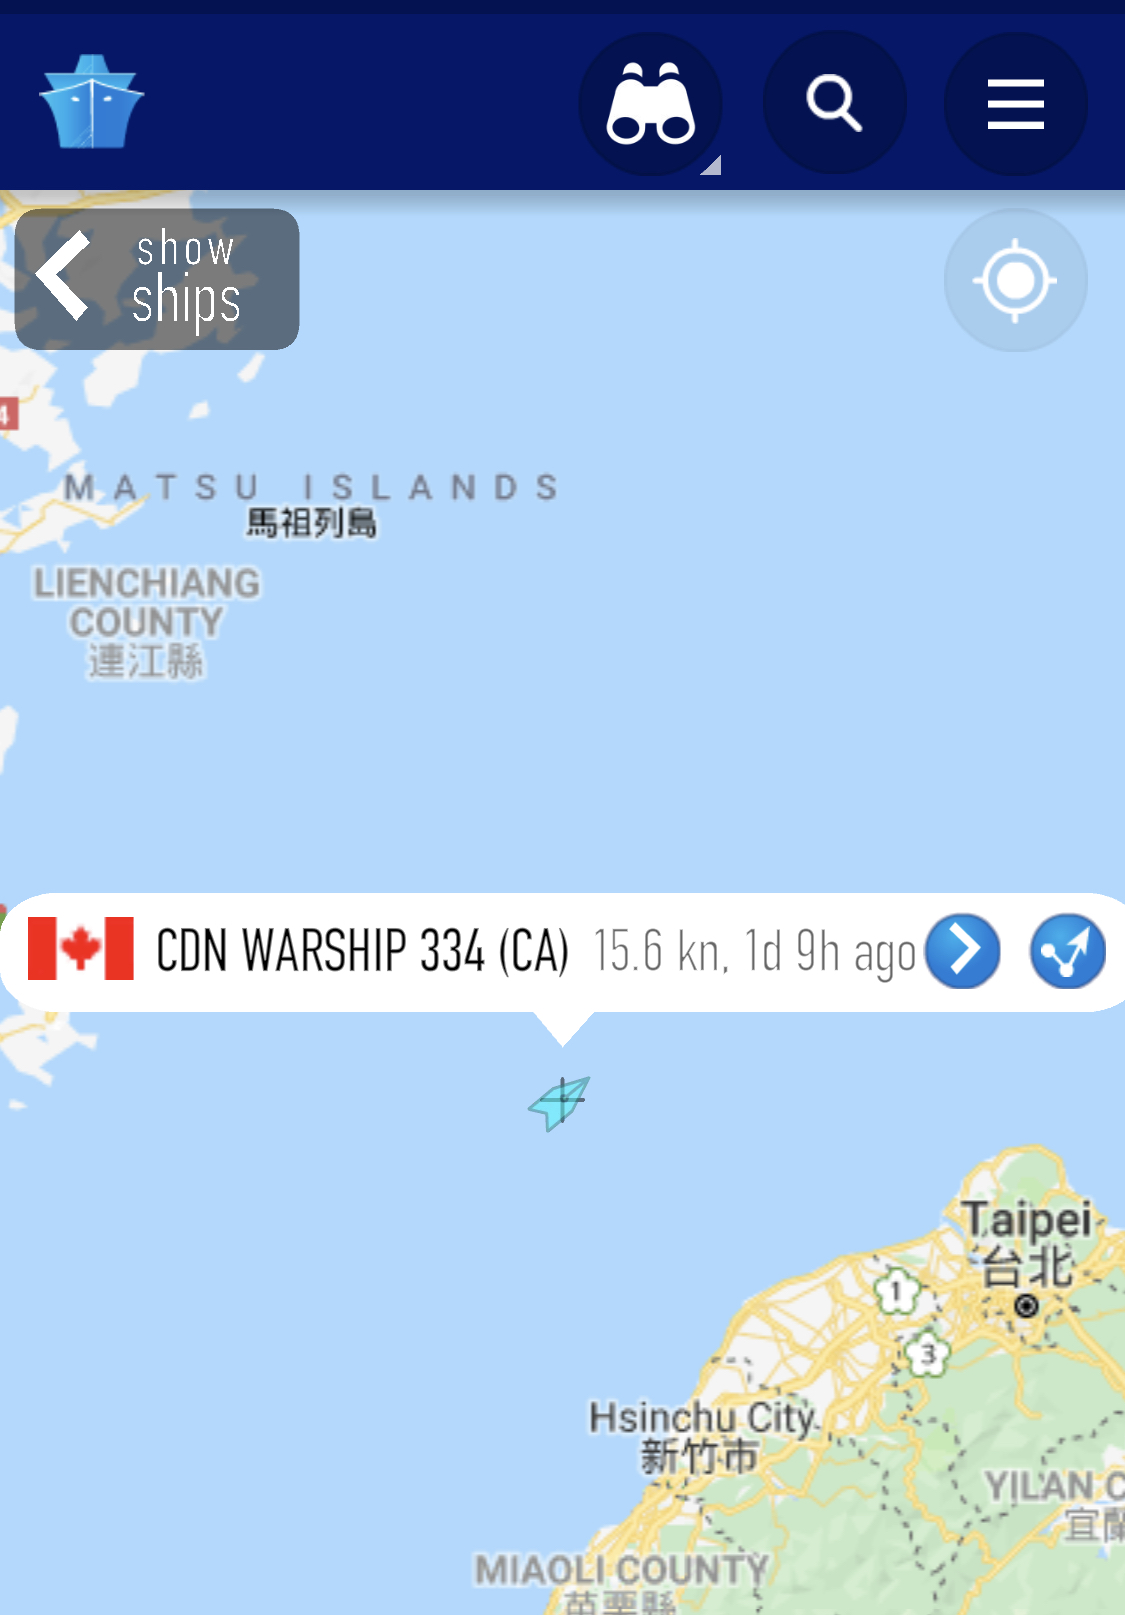 根據「marinetraffic」APP資訊顯示,加拿大巡防艦「里賈納」號(HM...